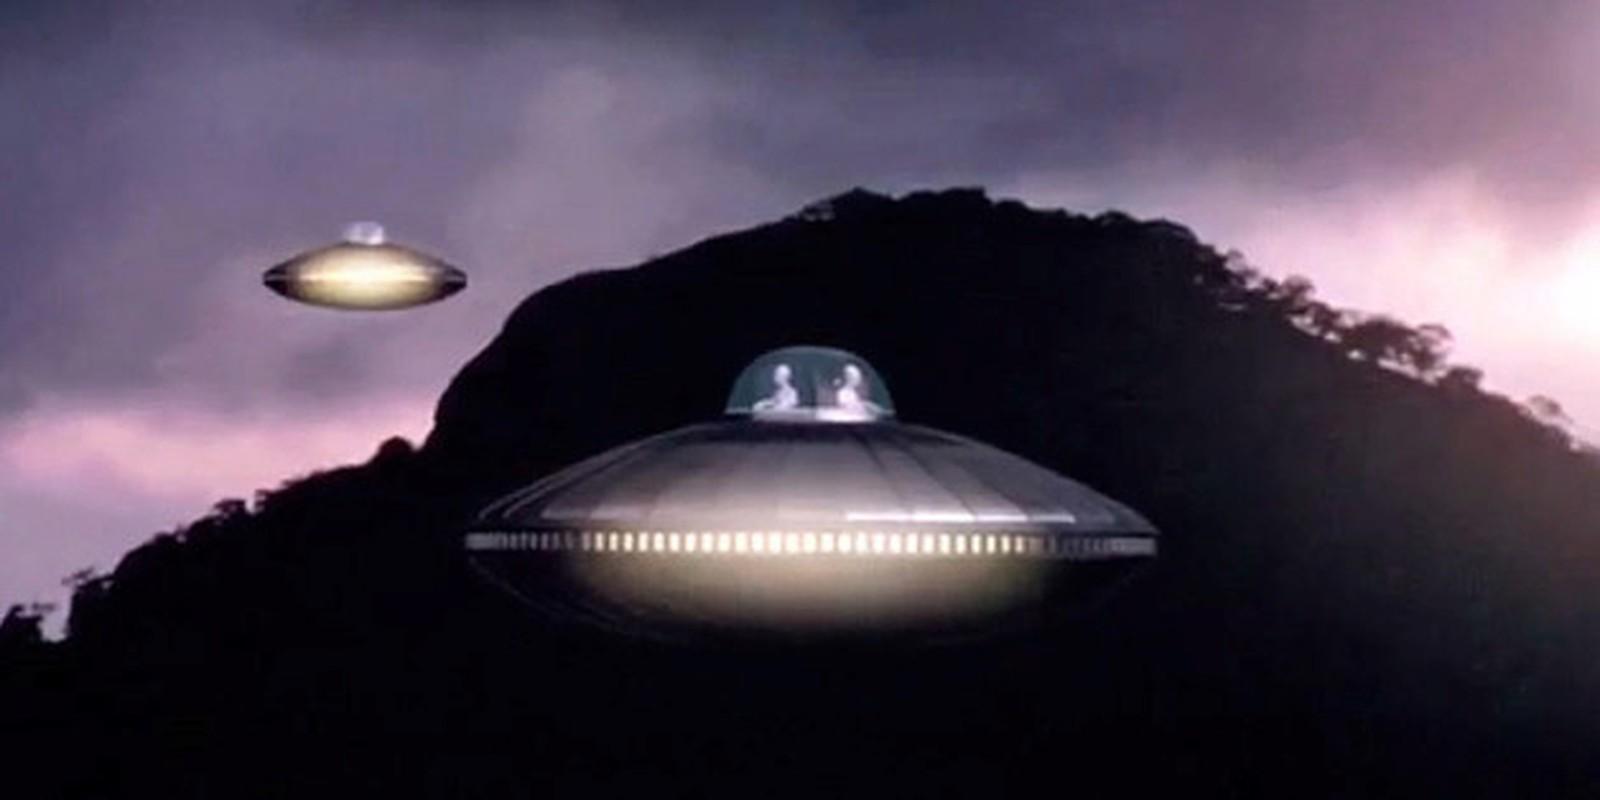 UFO cua nguoi ngoai hanh tinh co kha nang tang hinh?-Hinh-7